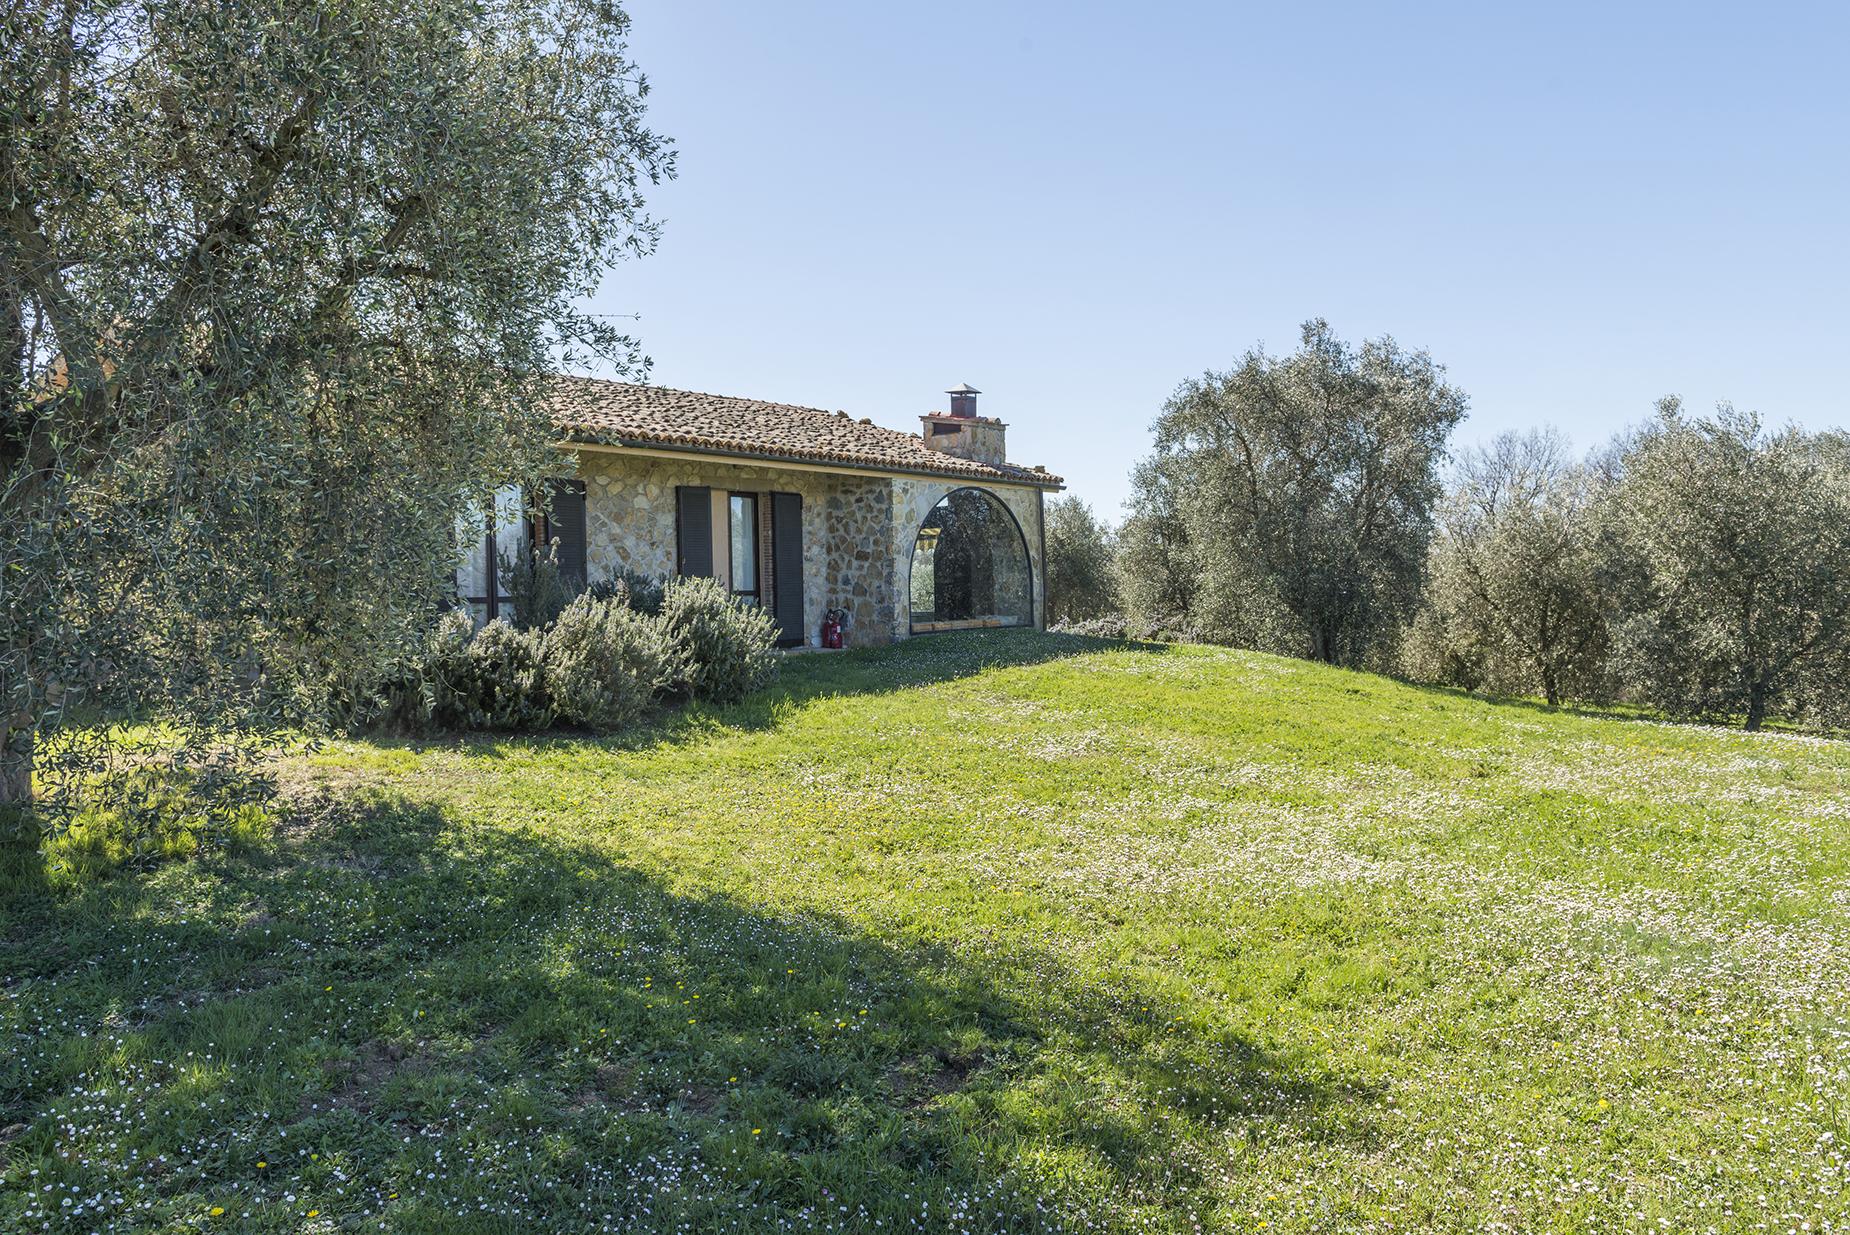 Villa in Vendita a Magliano In Toscana: 5 locali, 141 mq - Foto 4